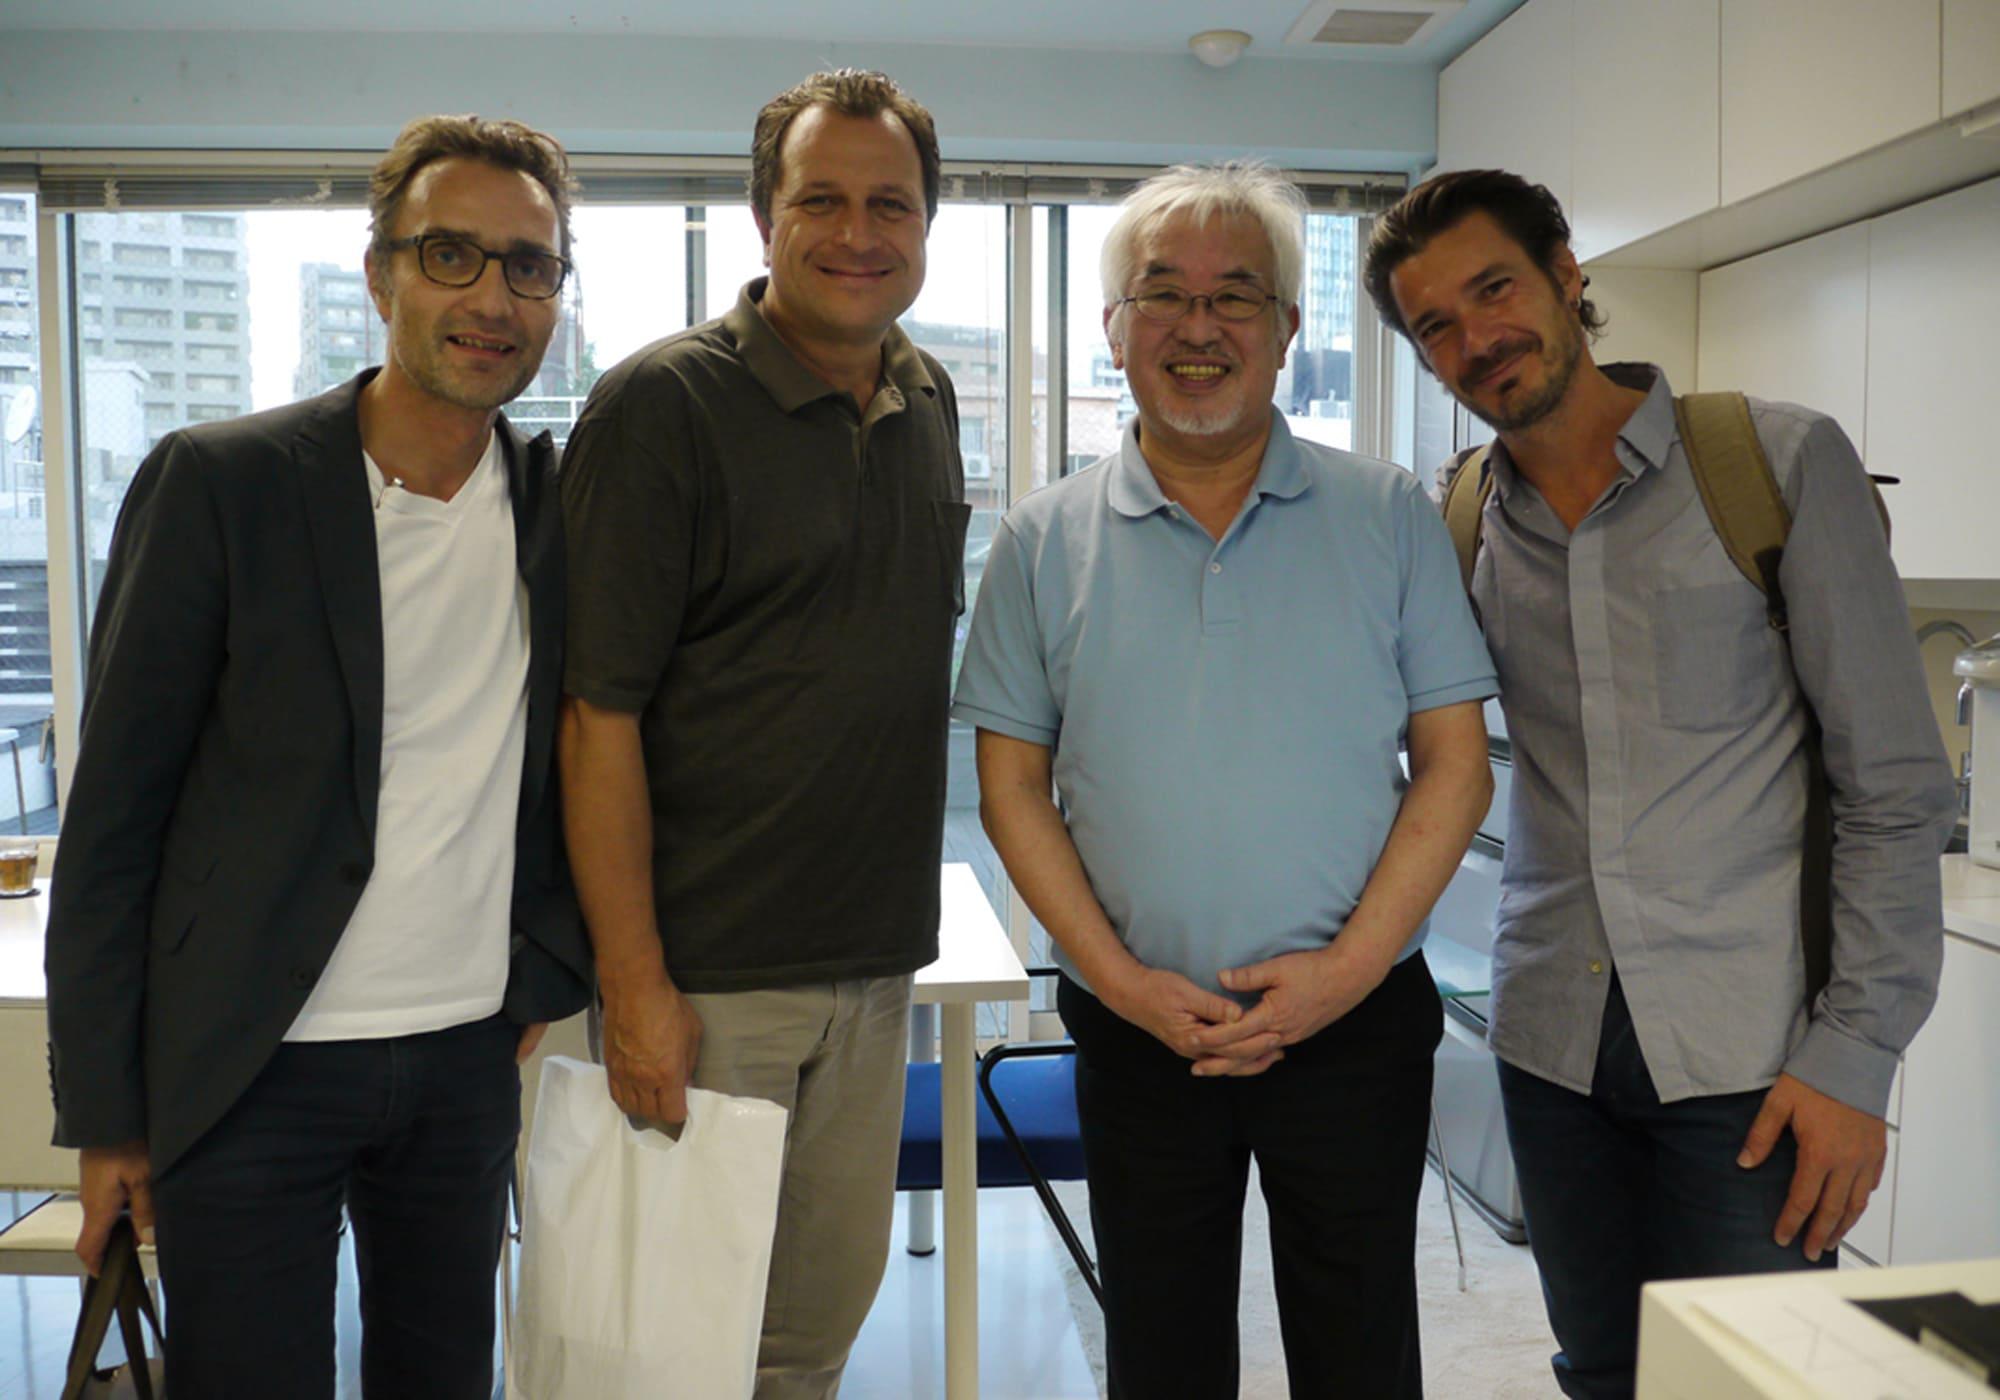 2014年に初来日した際に内田繁を訪ねたアトリエ・オイの3人。西麻布にあった、当時の内田デザイン研究所にて。